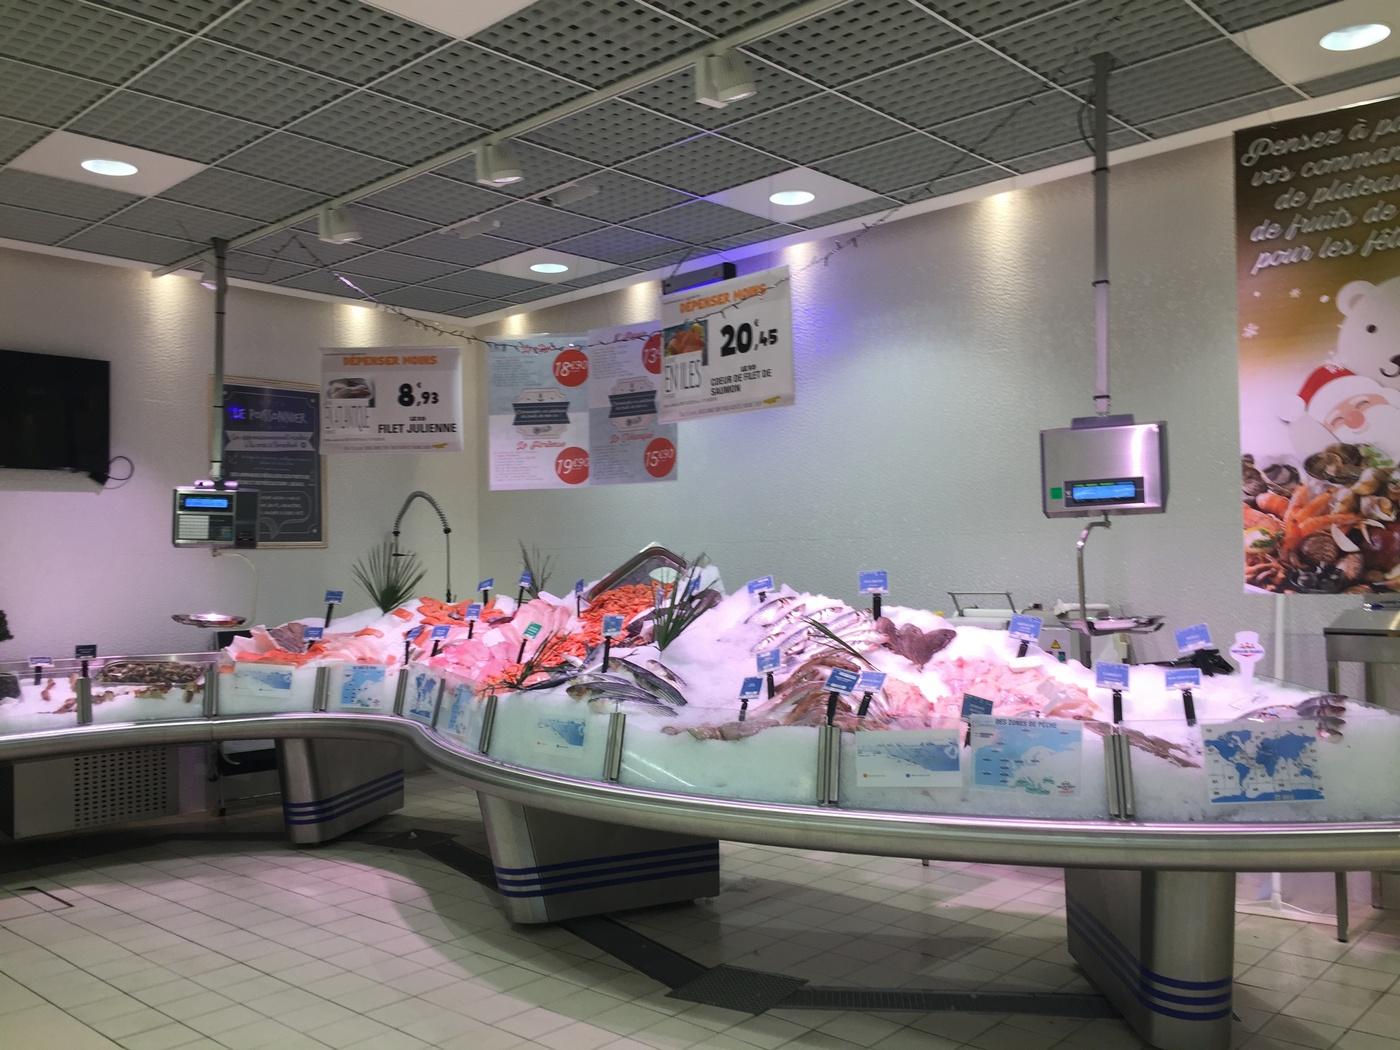 Fischabteilung Frankreich Supermarkt